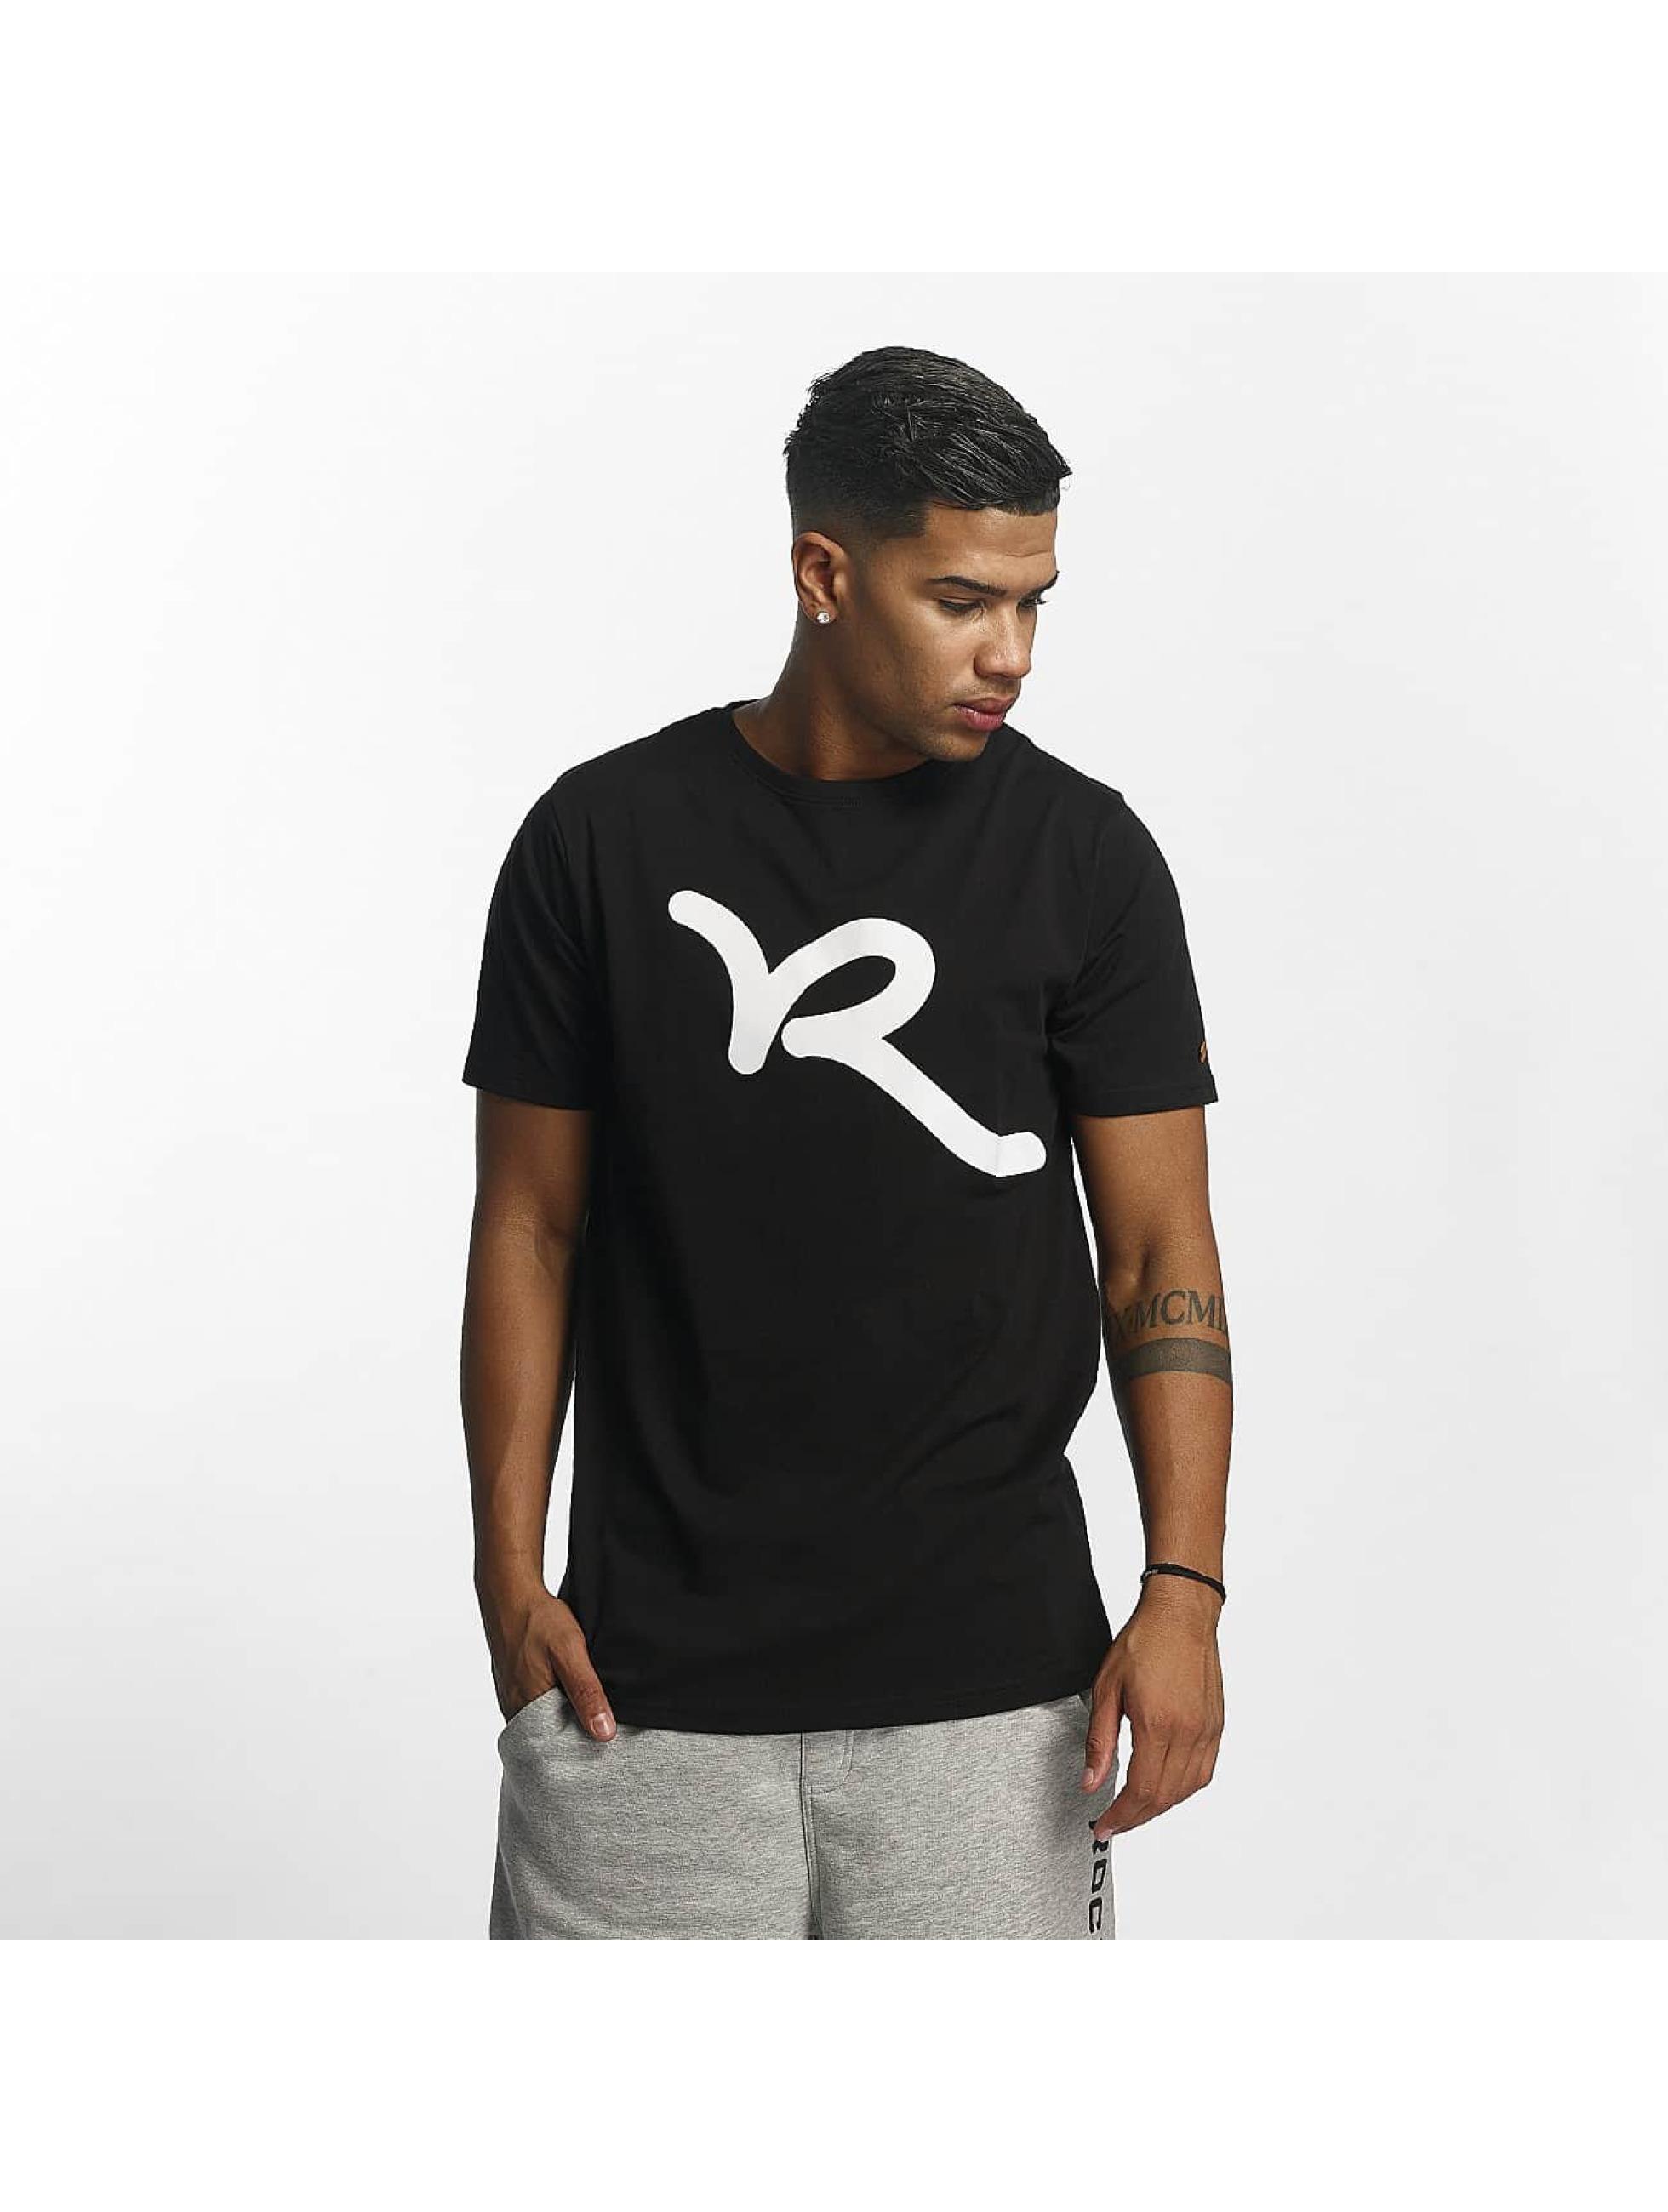 Rocawear / T-Shirt Logo in black 2XL